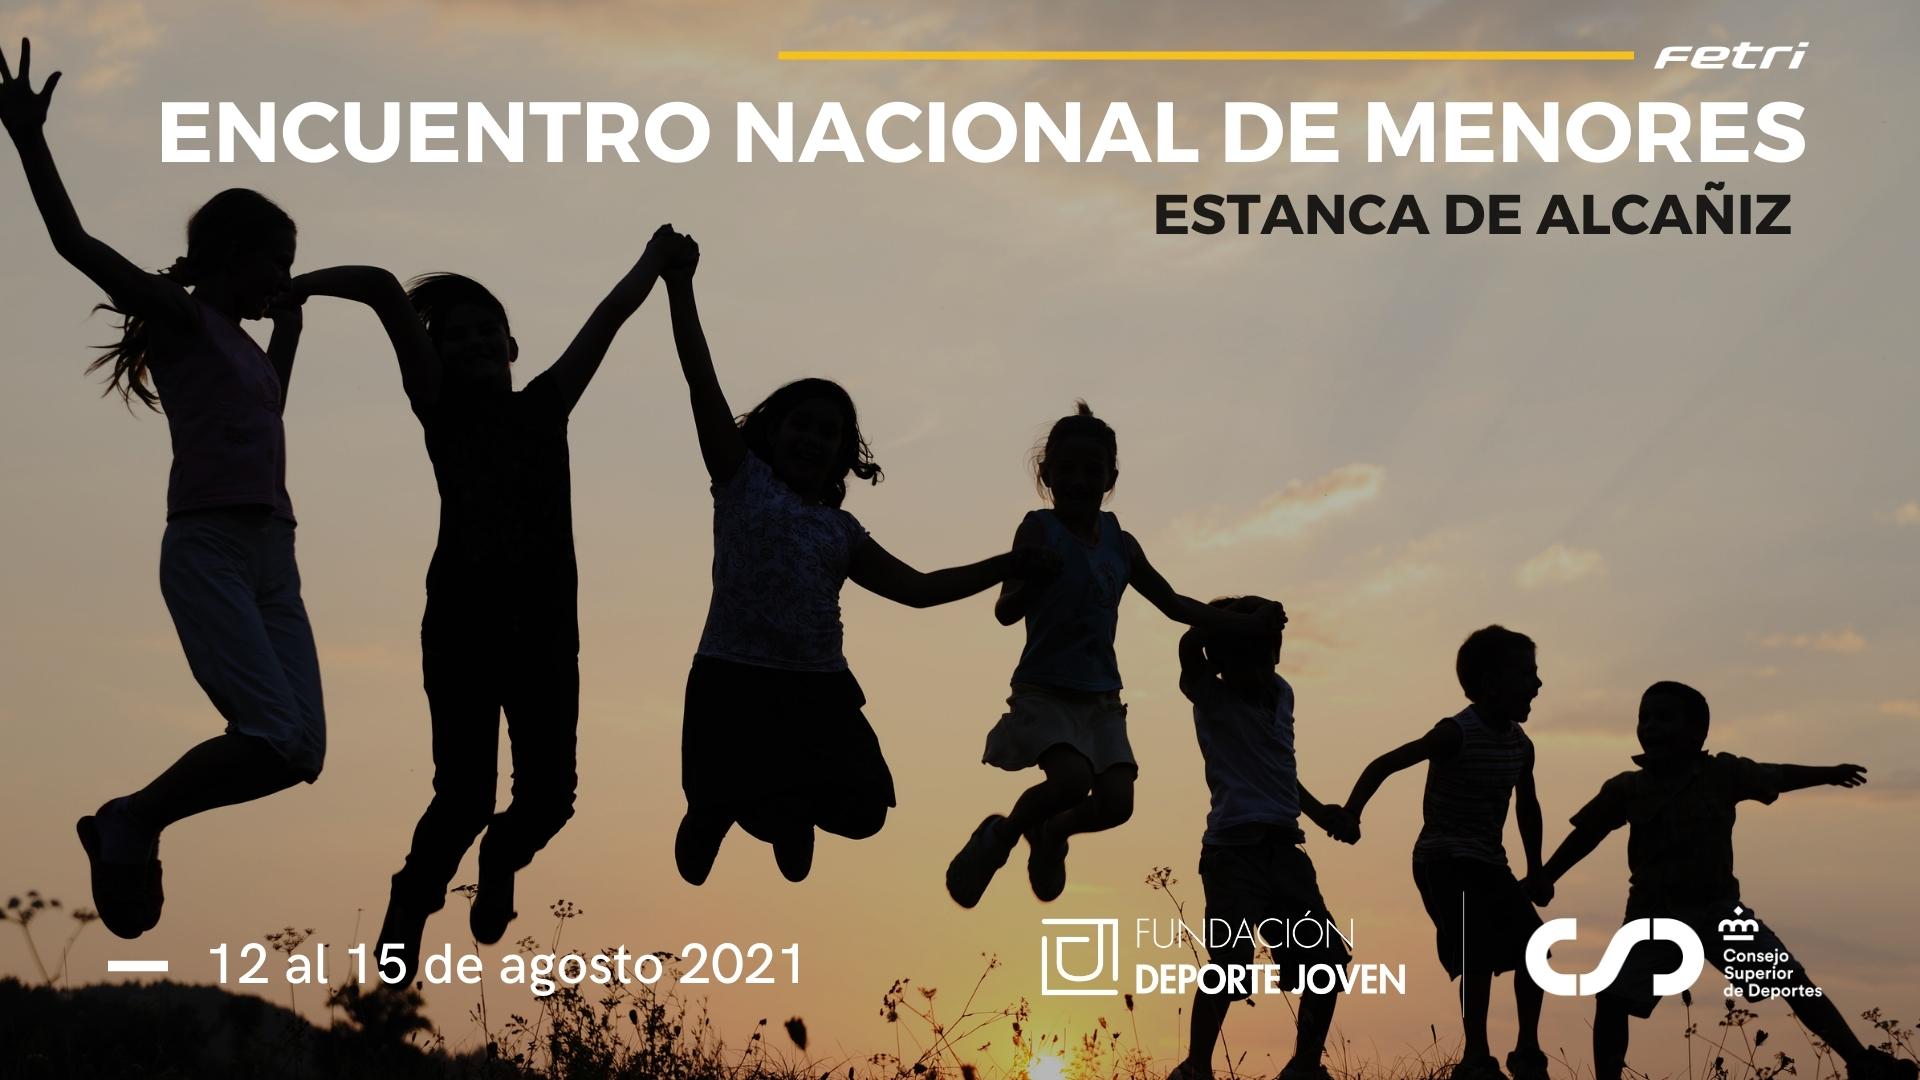 Vuelve el Encuentro Nacional de Menores en Alcañiz